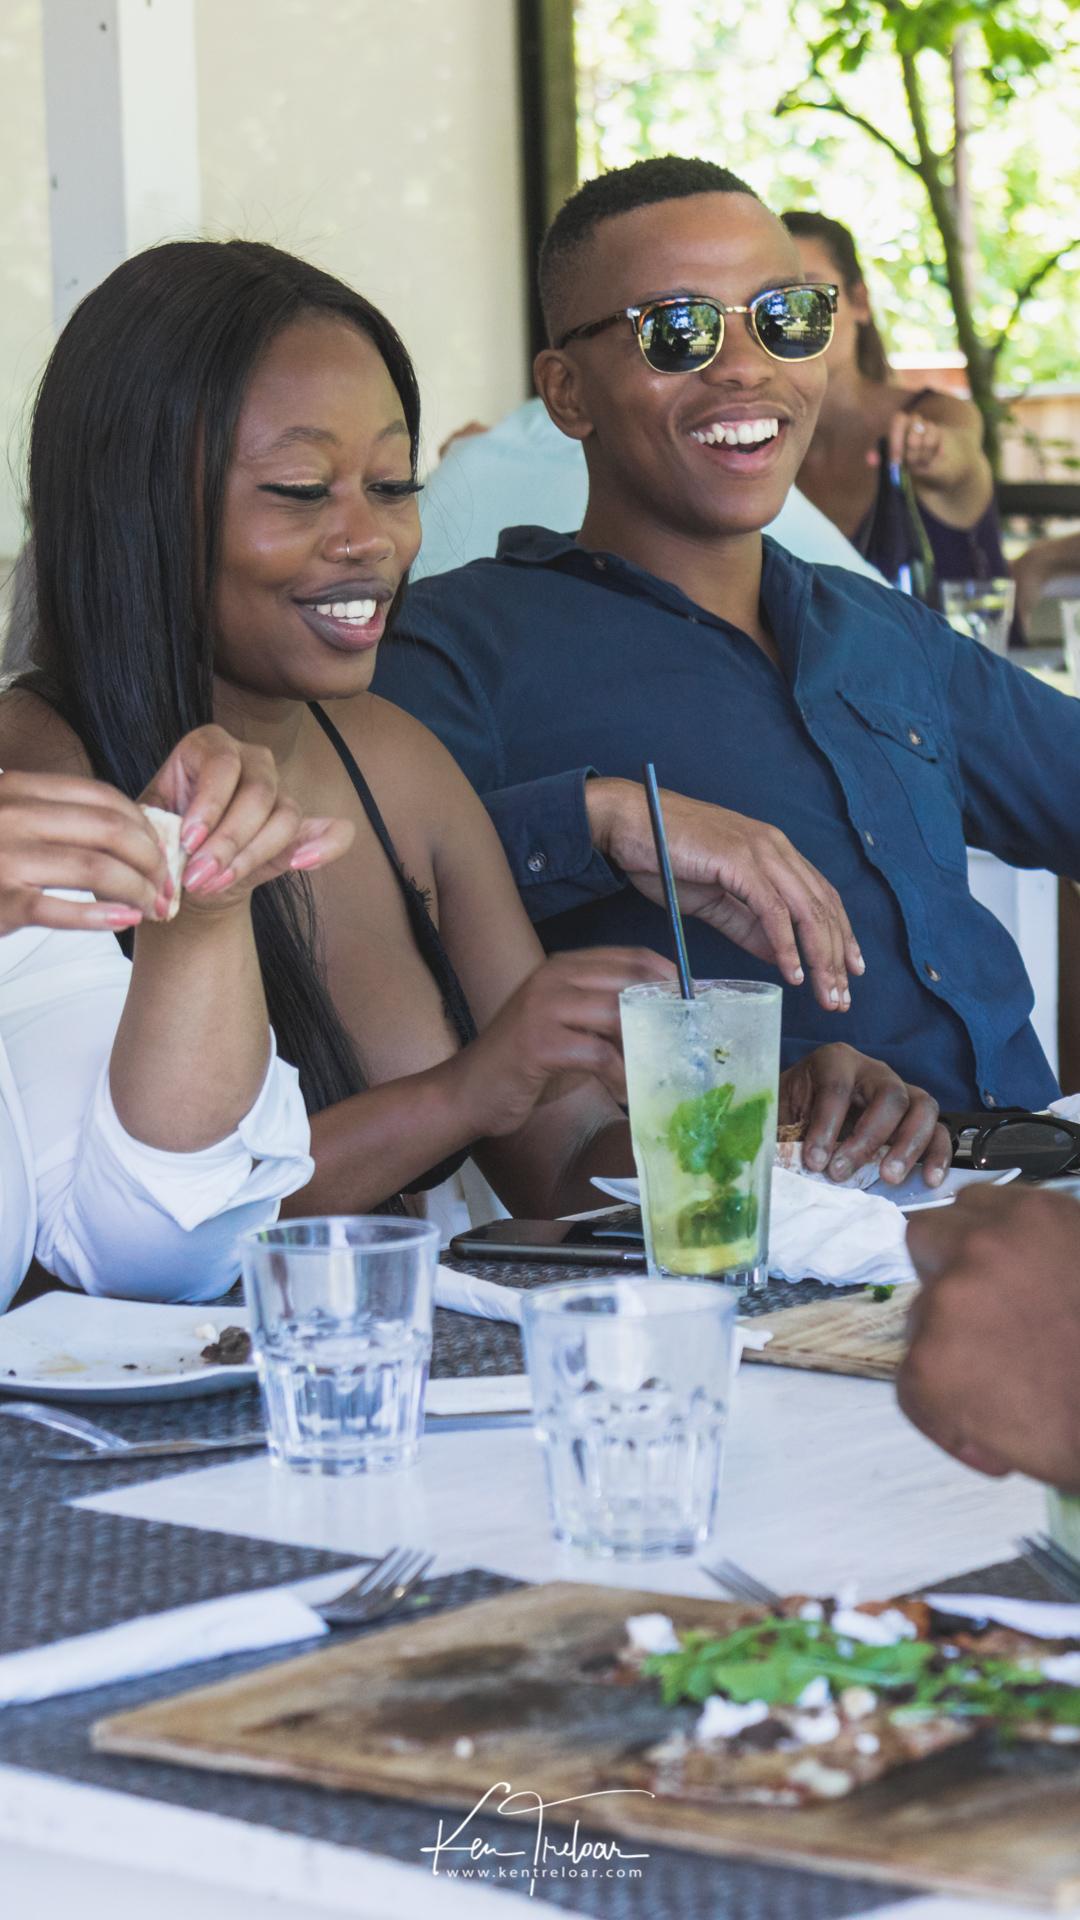 Ken Treloar Photography - Stellenbosch Brennaisance Best Friends photoshoot Cape Town B2-5.jpg